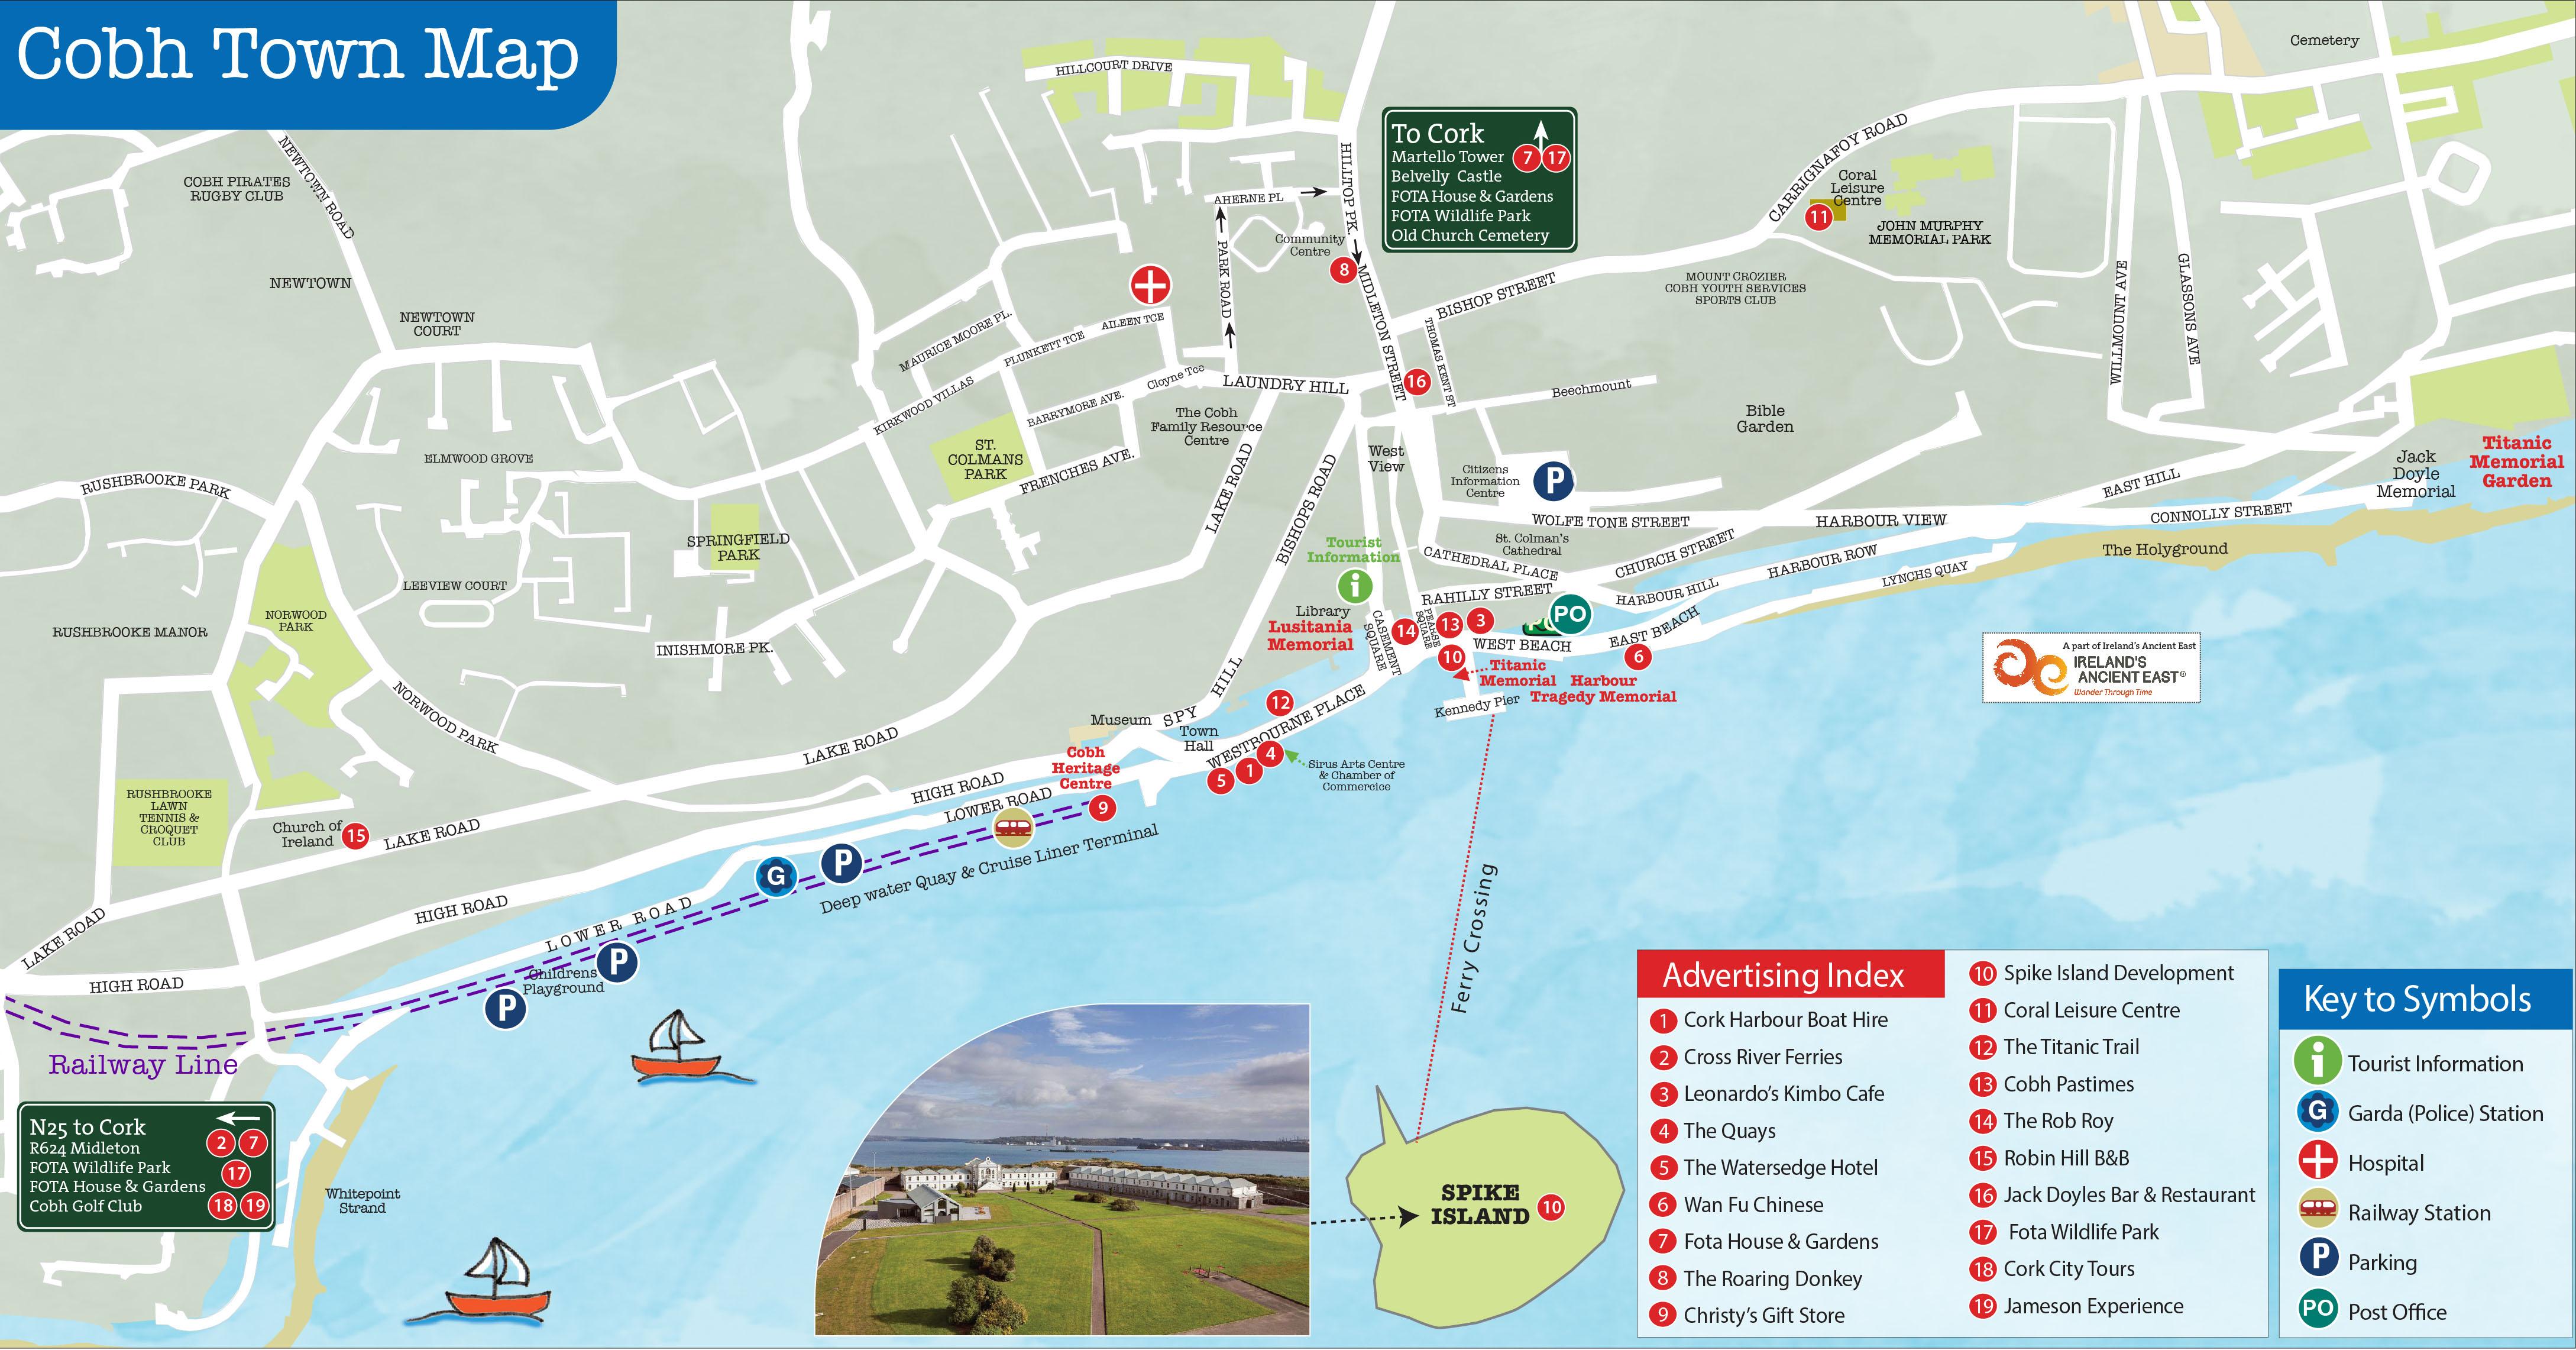 cobh cruise terminal map Cobh Town Map Town Maps cobh cruise terminal map